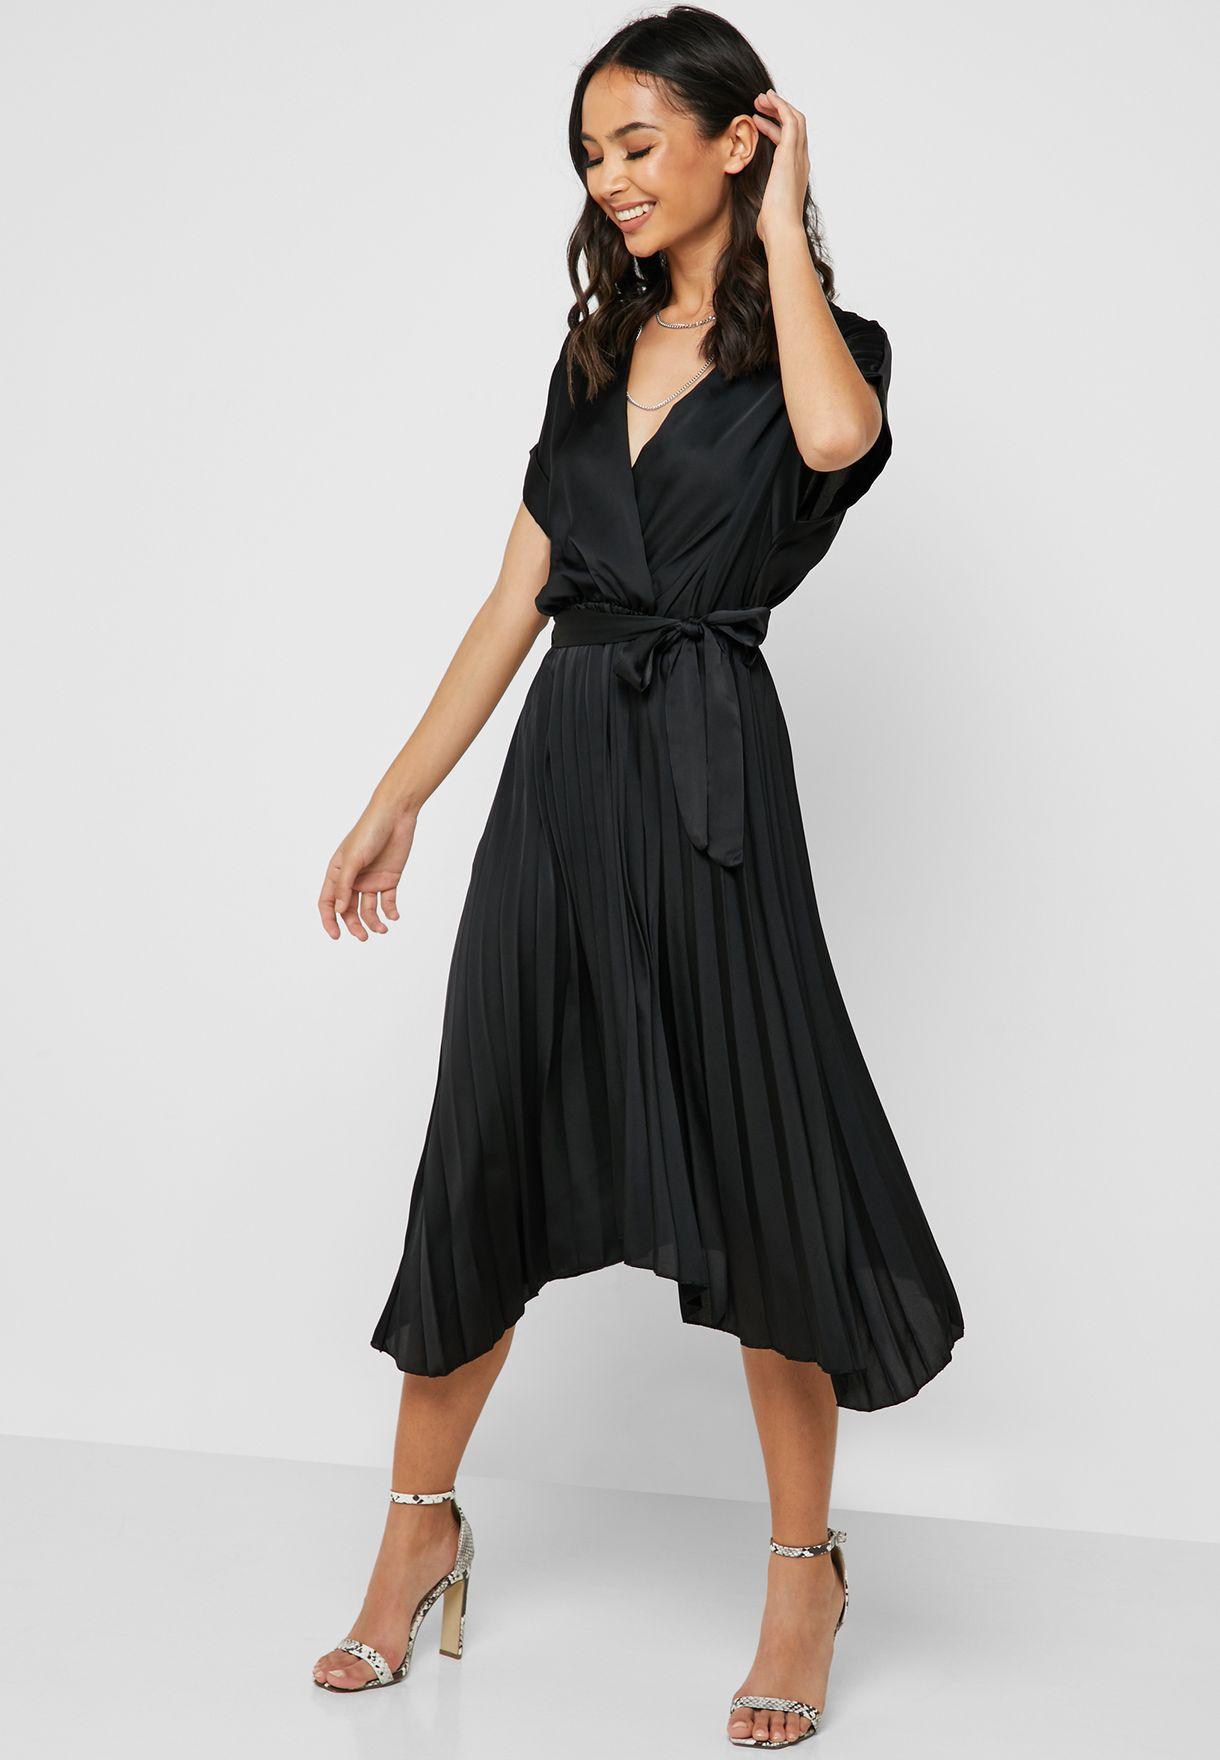 فستان بتصميم ملفوف وكسرات